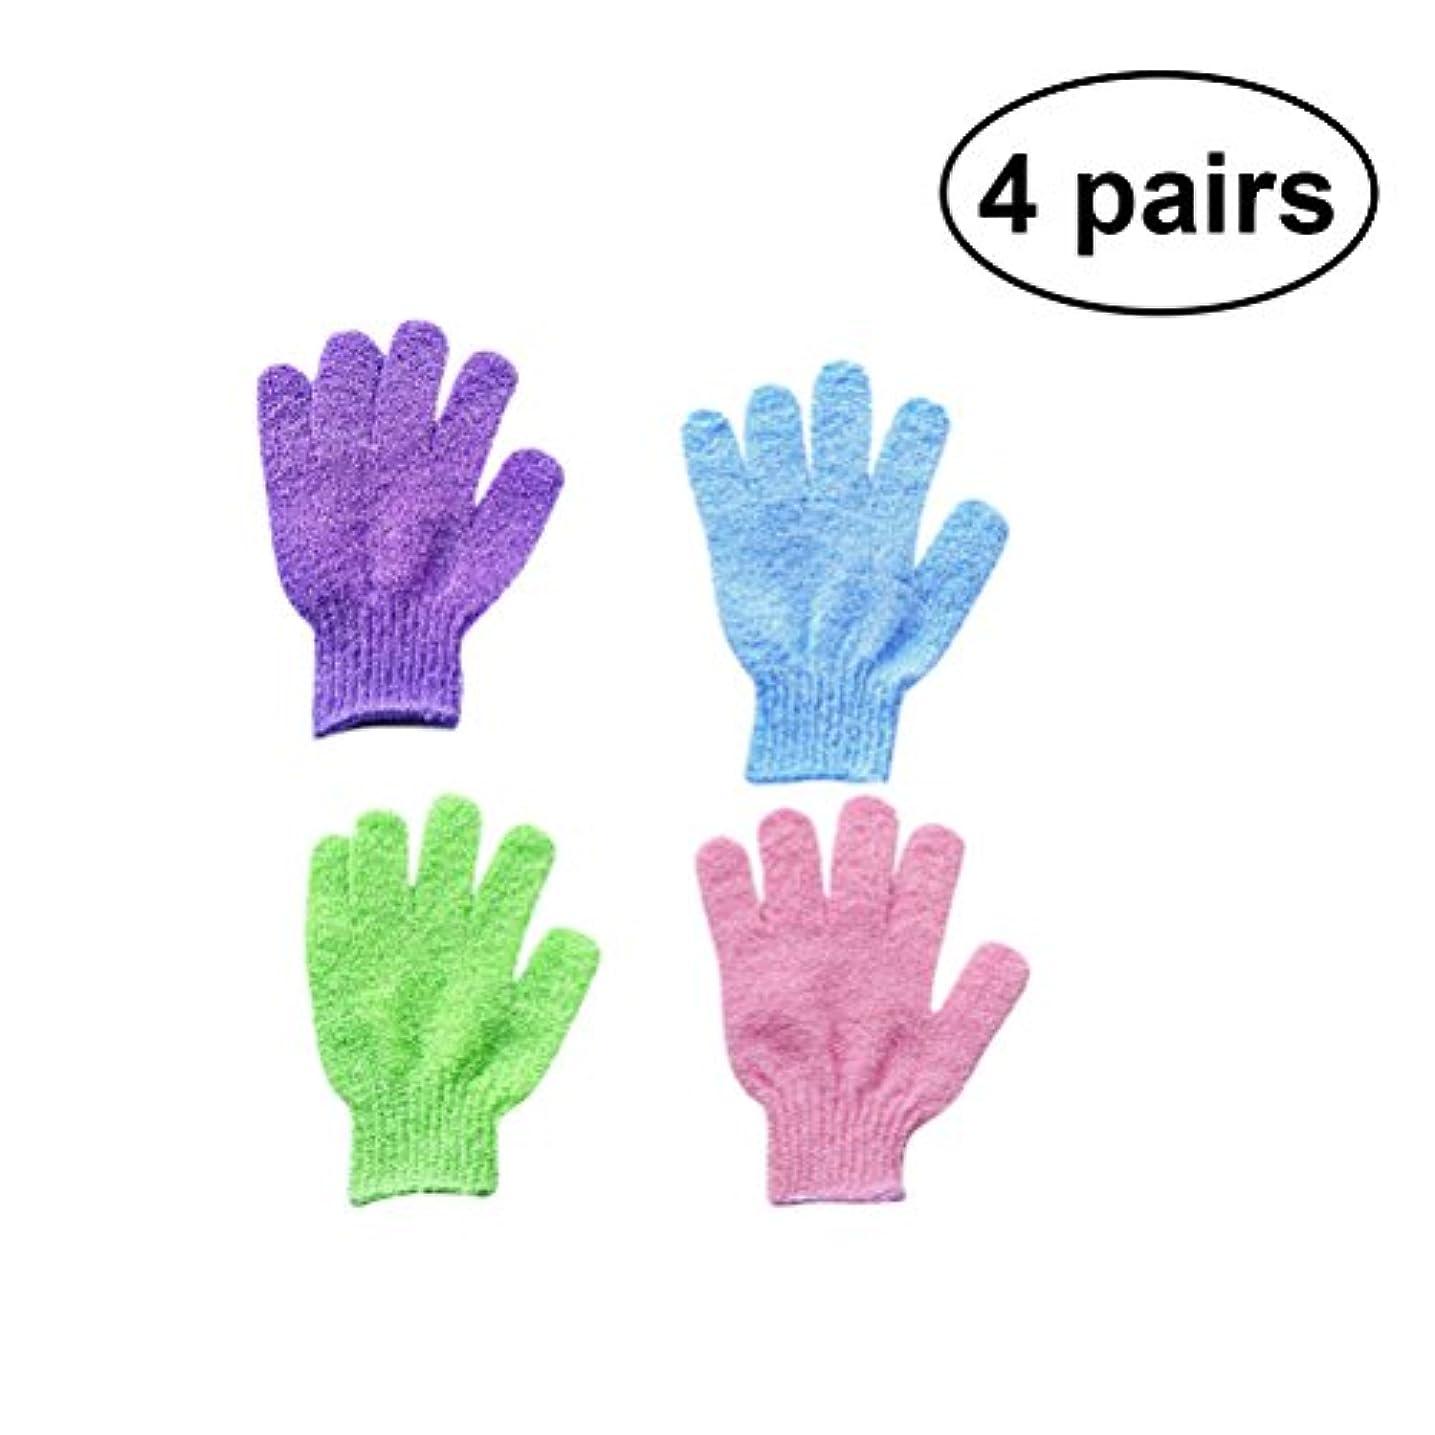 残り略語事Healifty 4 Pairs Exfoliating Bath Gloves Shower Mitts Exfoliating Body Spa Massage Dead Skin Cell Remover